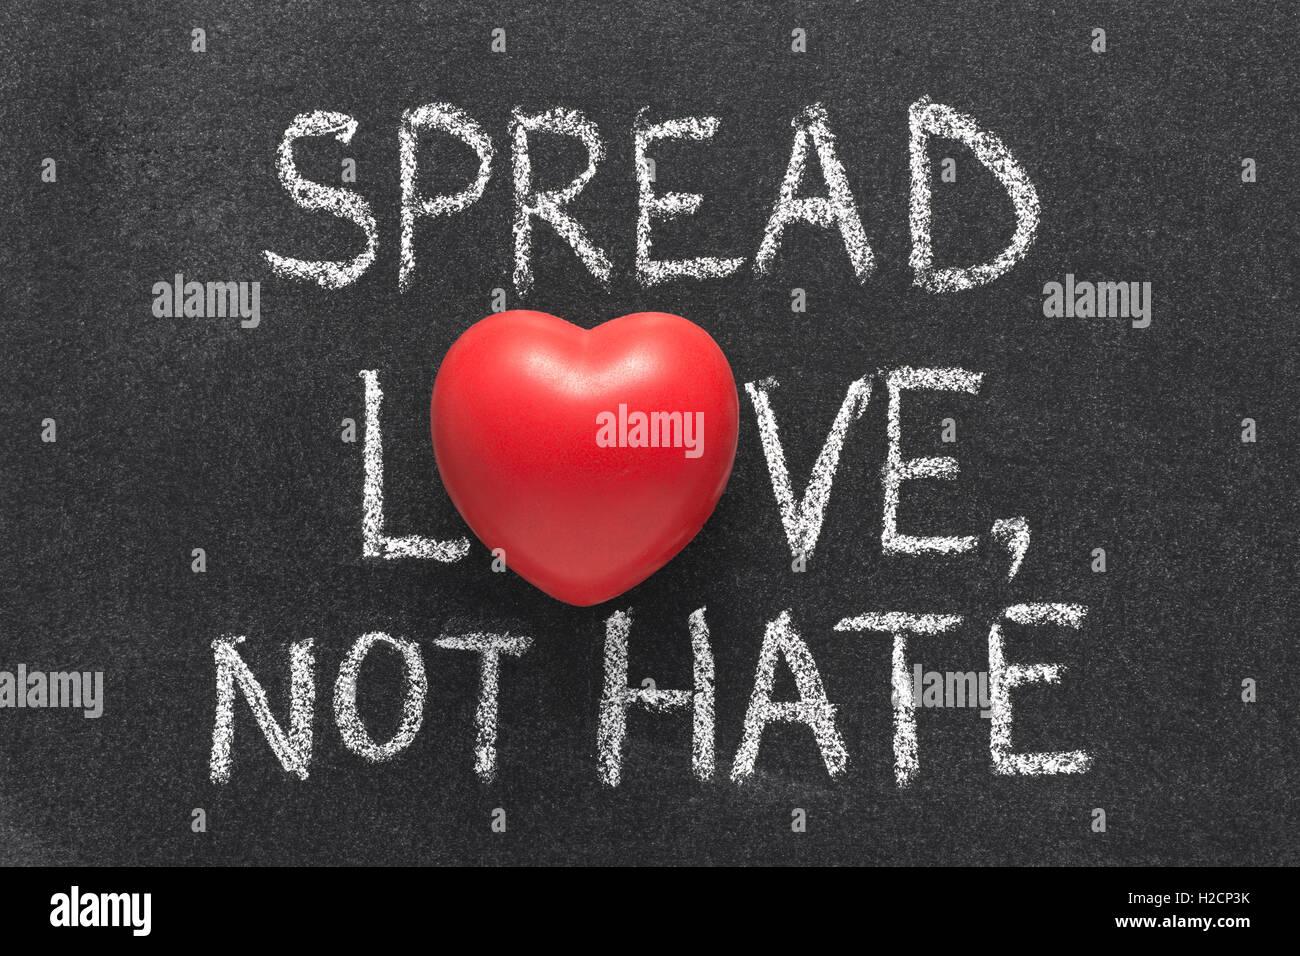 Spread Love Not Hate Phrase Handwritten On Blackboard With Heart